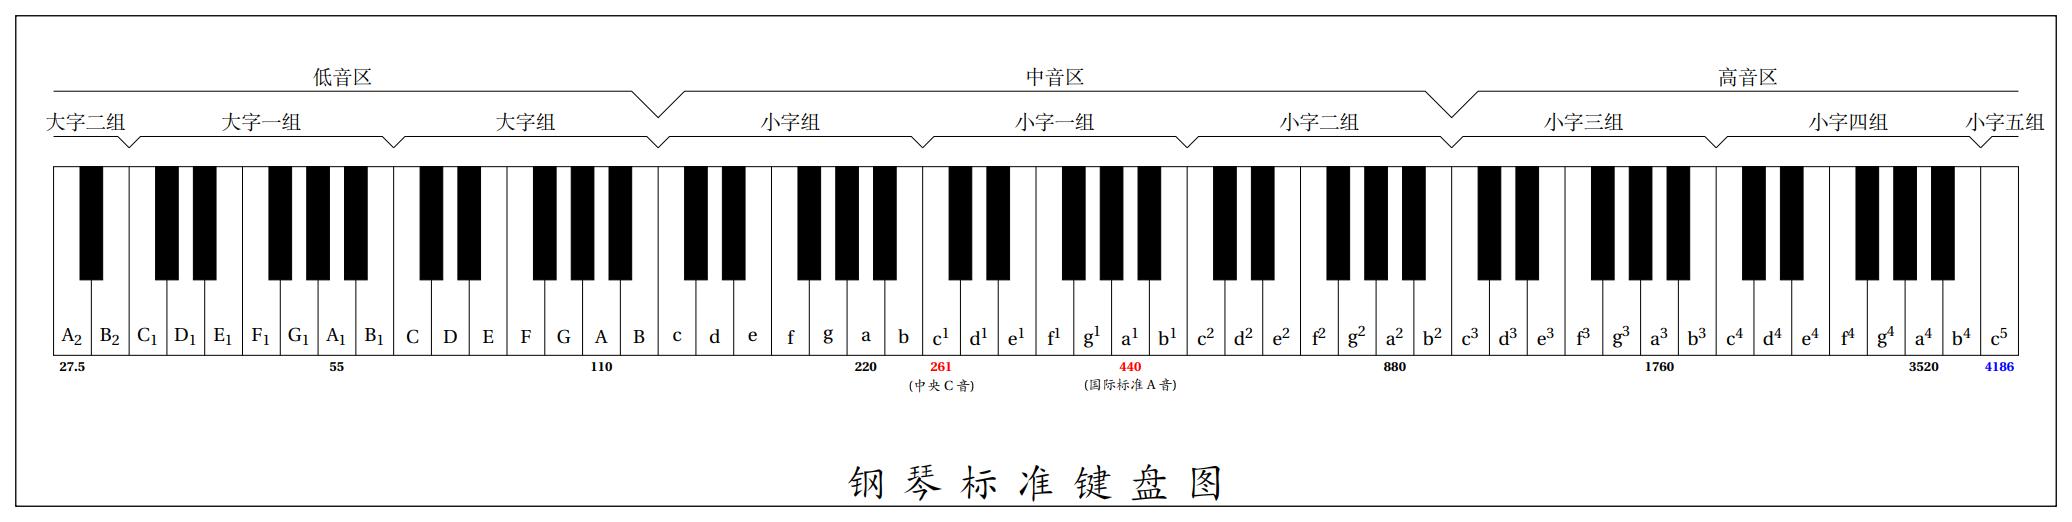 tikz绘制钢琴标准键盘图88键